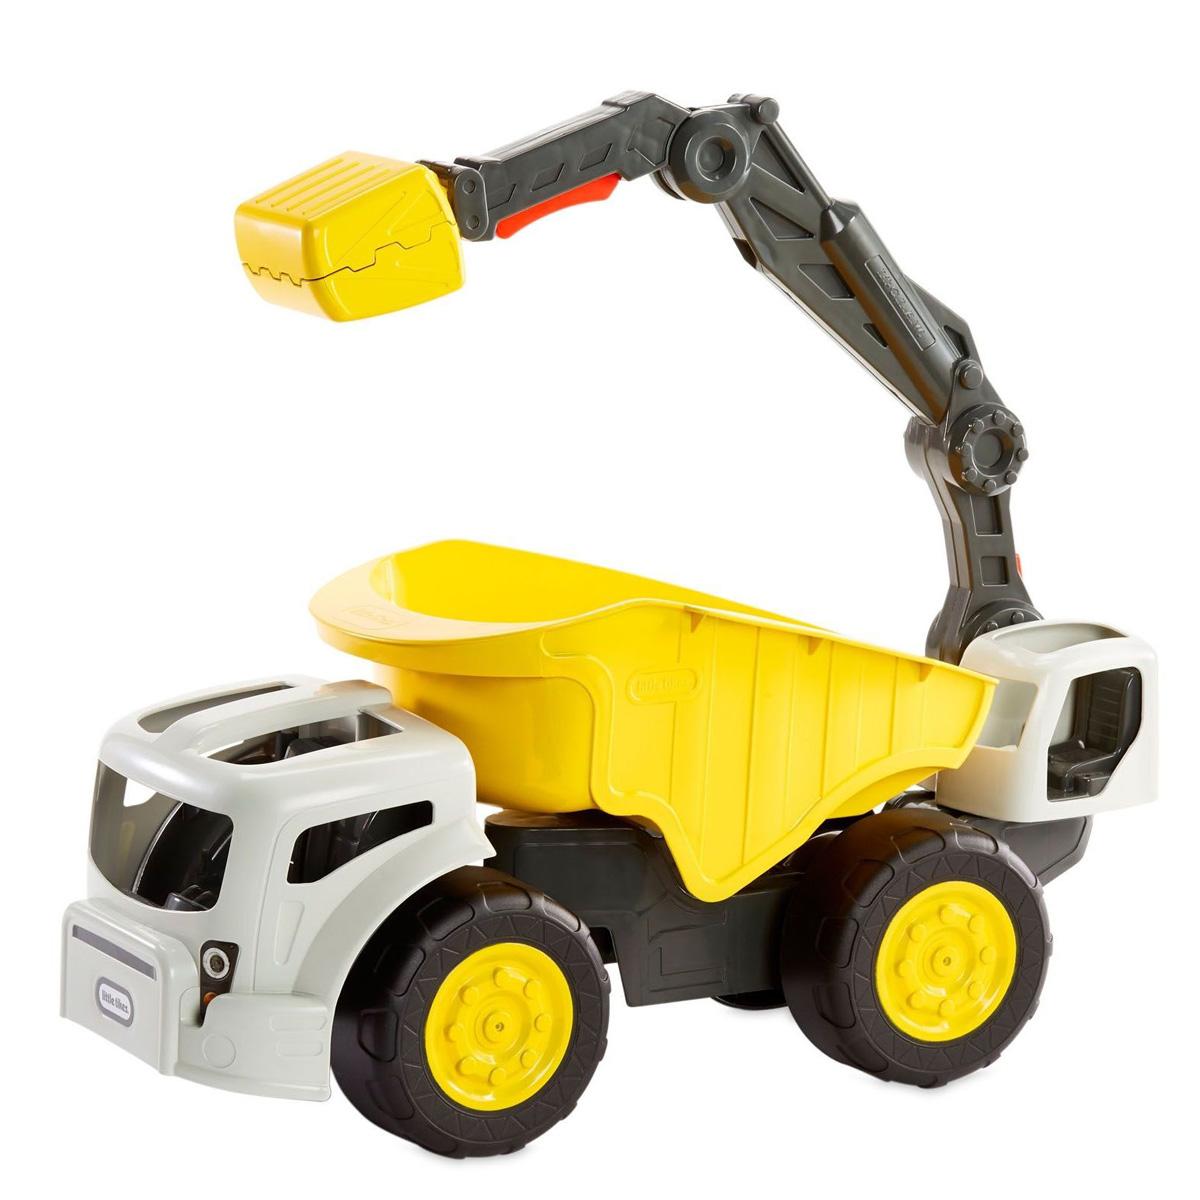 ماشین بازی لیتل تایکس مدل بیل مکانیکی کد 650598